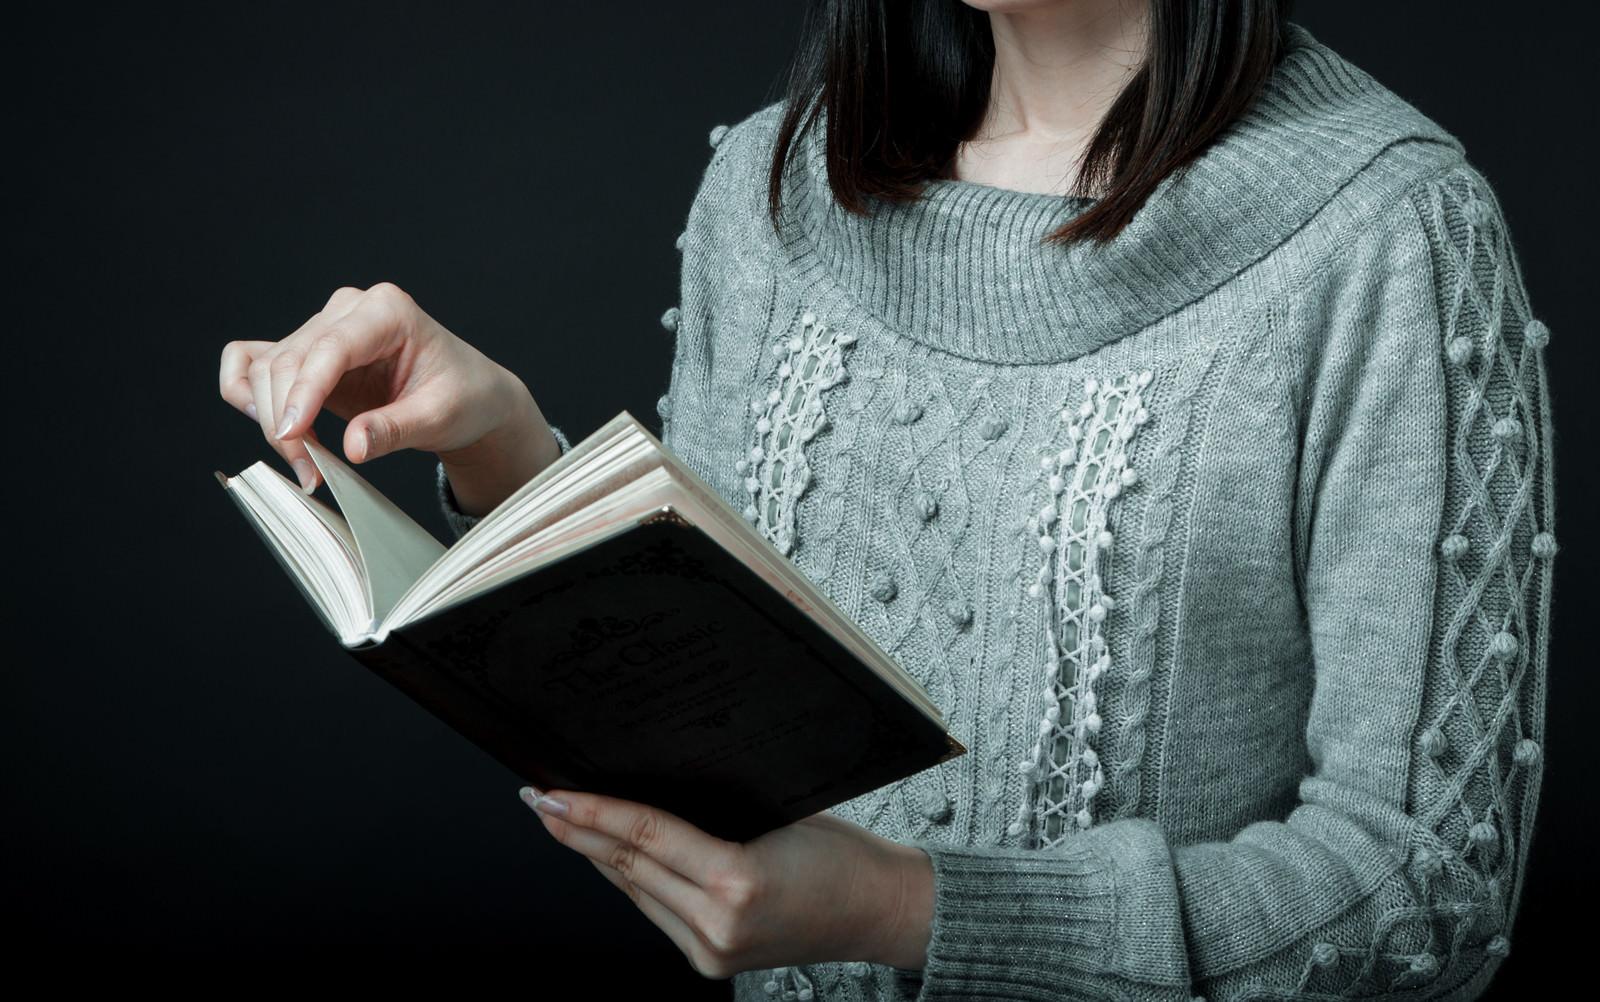 「洋書をめくる女性」の写真